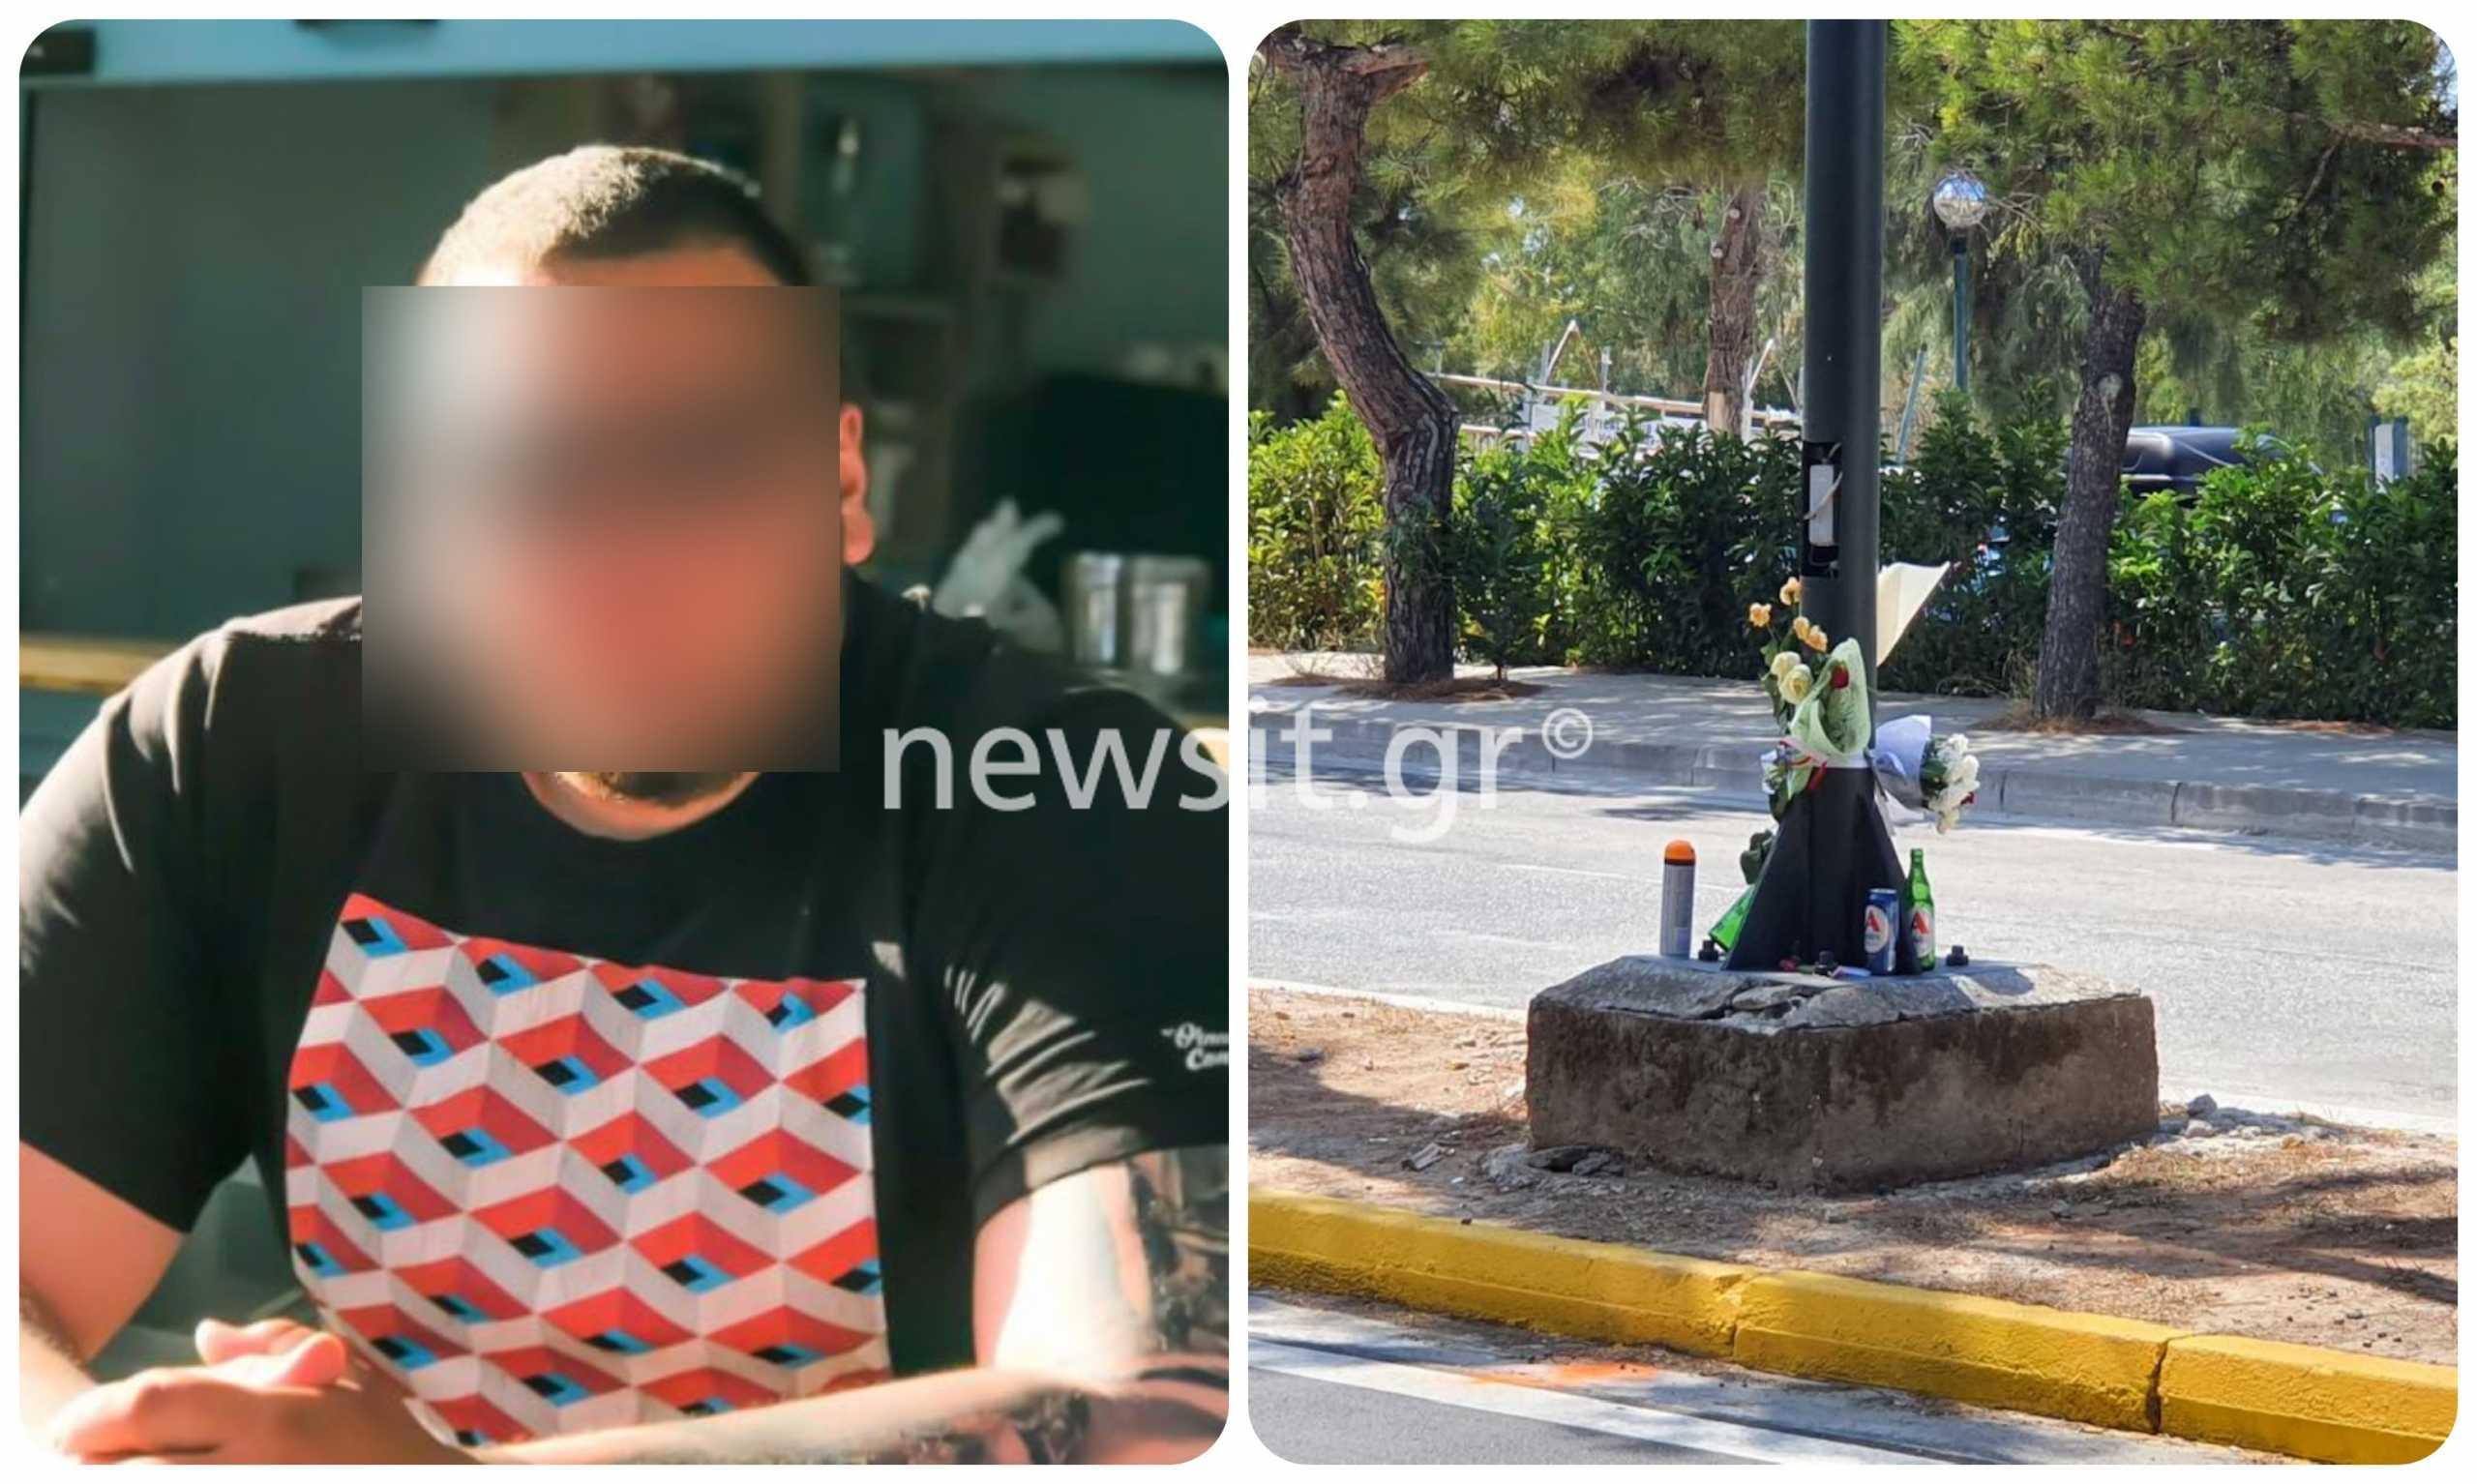 Ποσειδώνος: Χτύπησε τον 21χρονο Νικόλα και τον εγκατέλειψε – Ψάχνουν να βρουν τον οδηγό